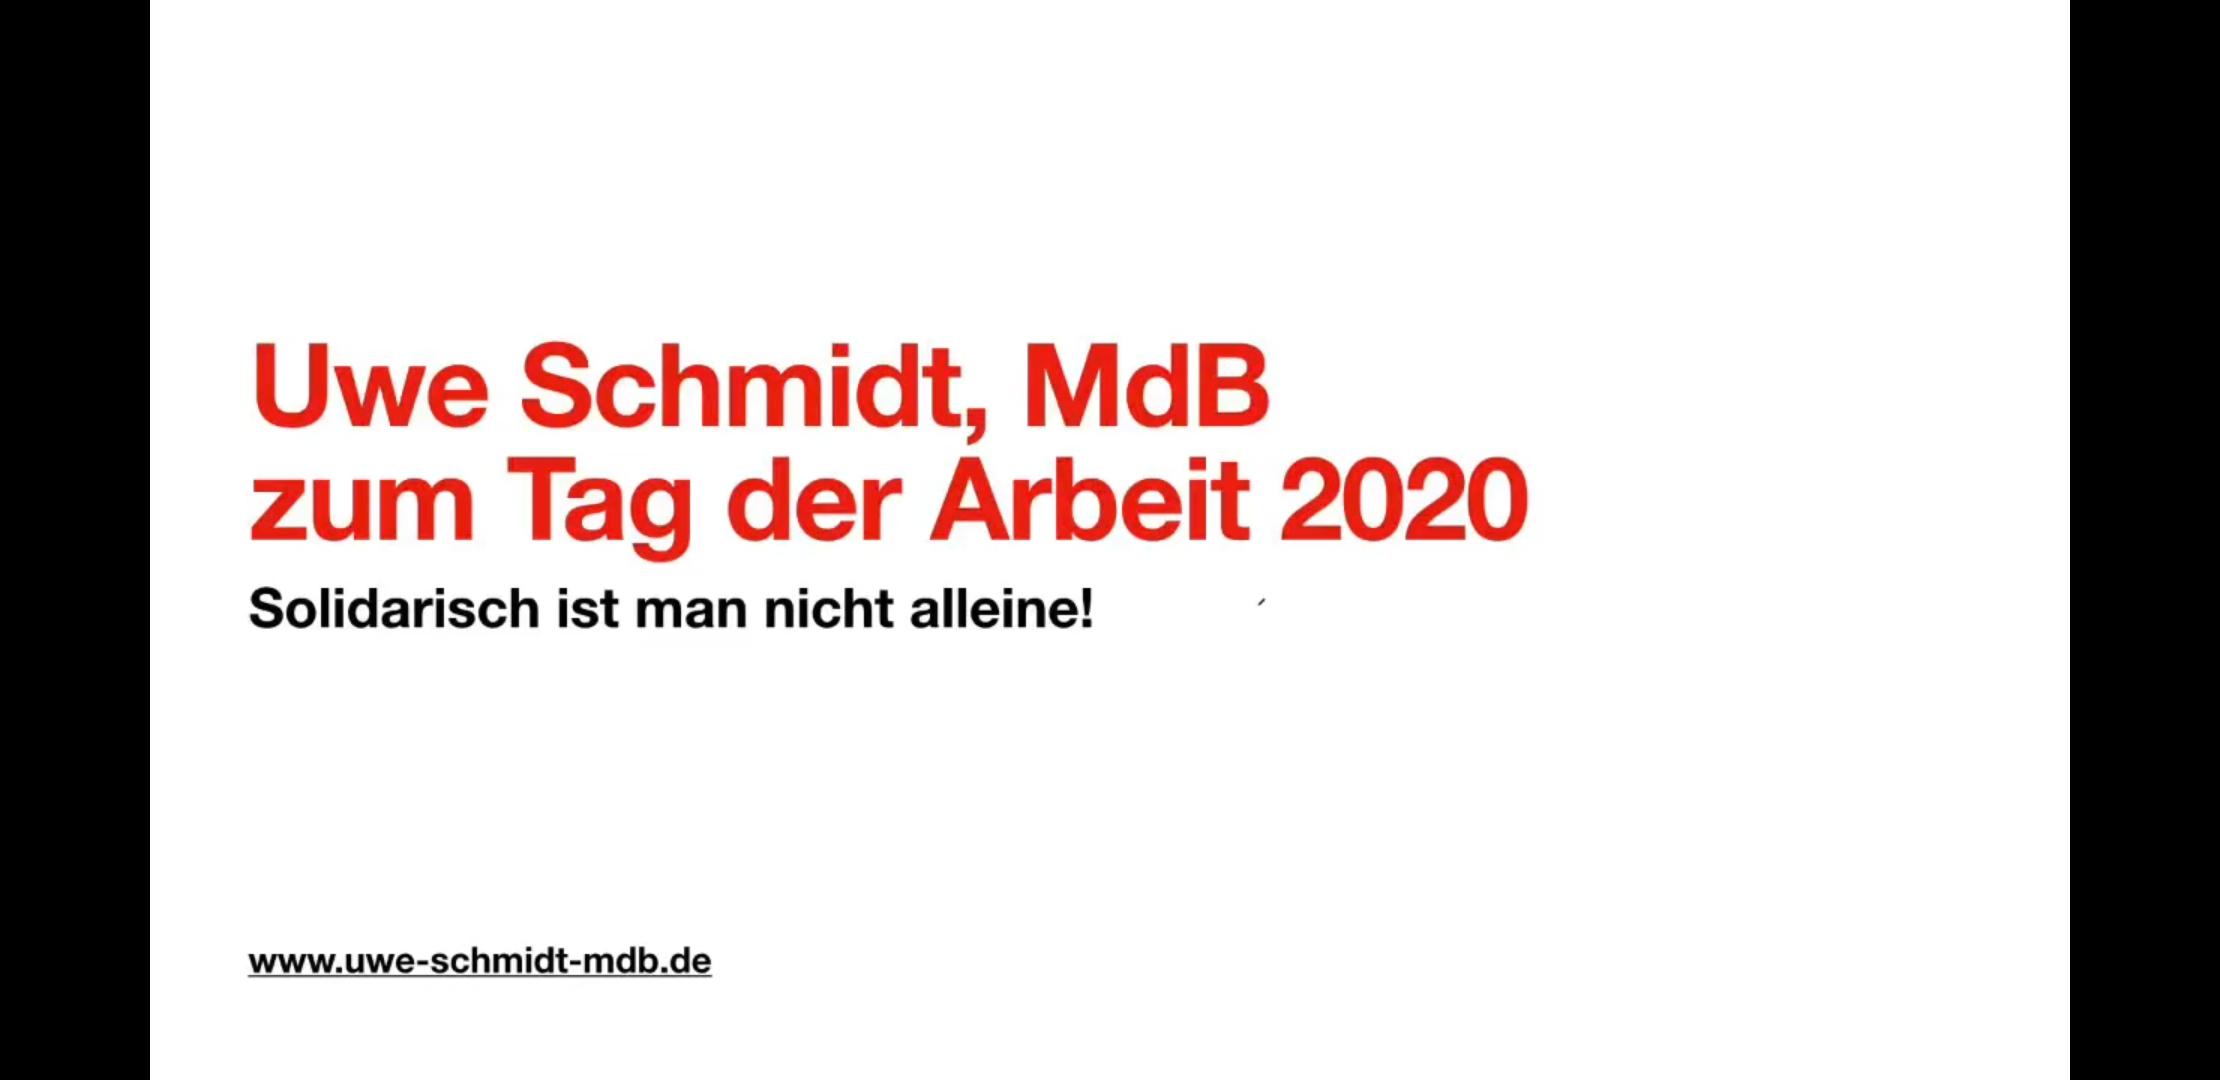 Uwe Schmidt, MdB zum Tag der Arbeit 2020